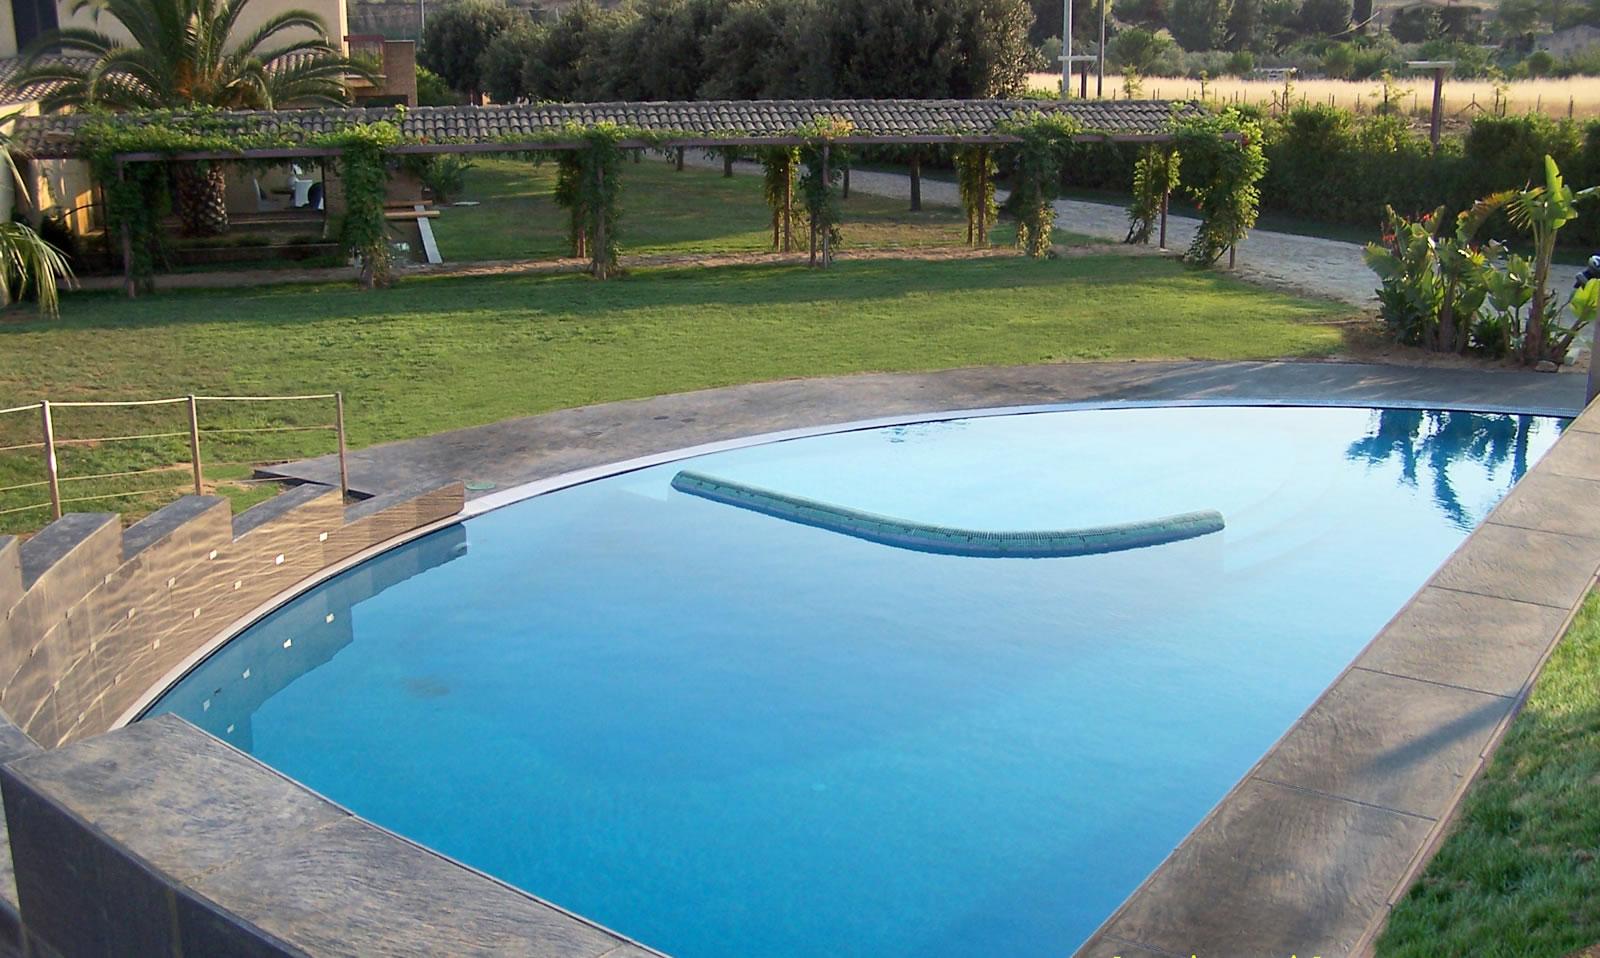 villa con piscina in campagna siciliana_ Caltagirone 1998_01